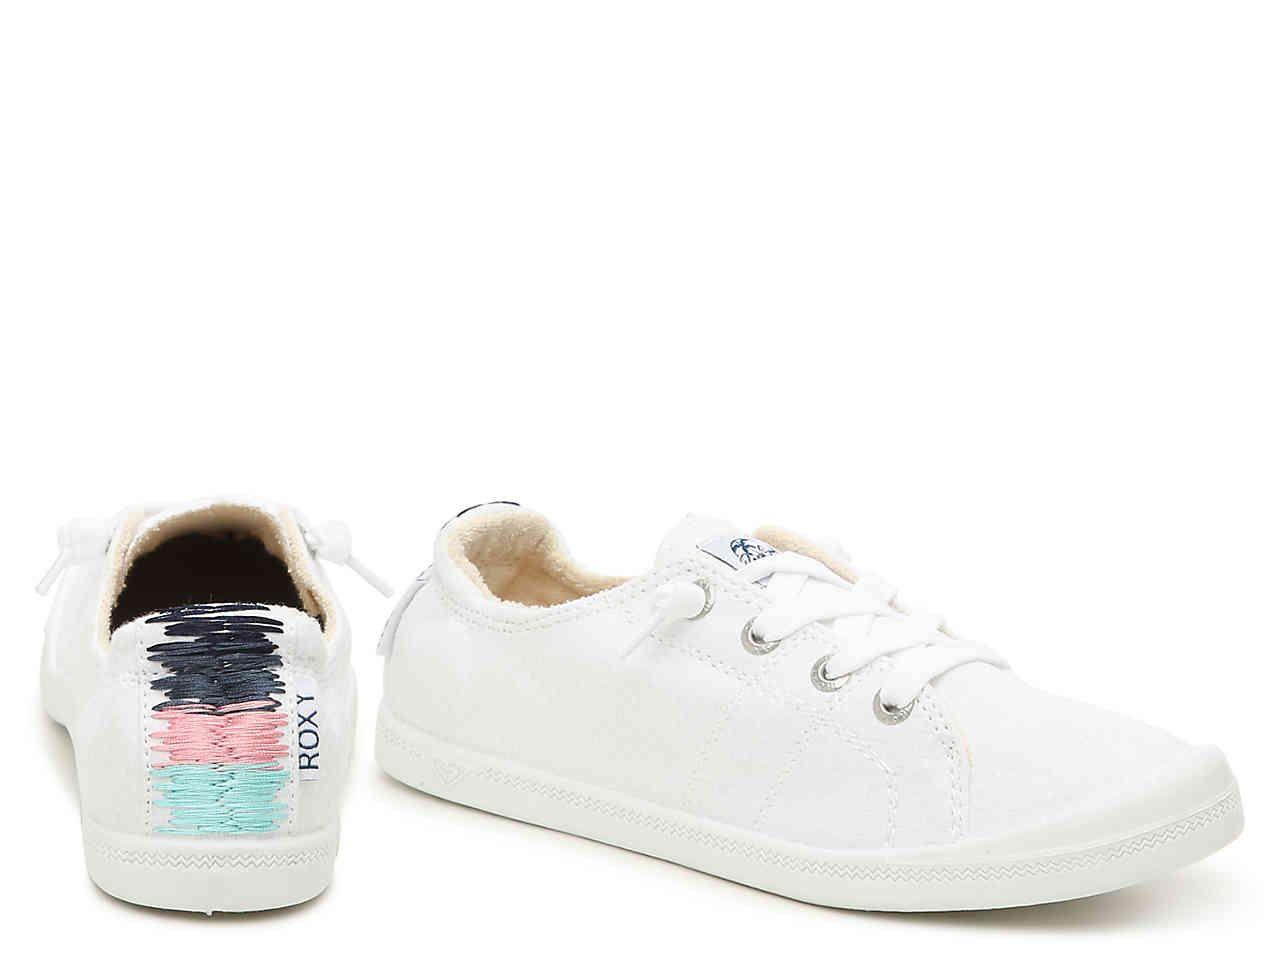 Roxy Bayshore III Slip-On Sneaker Women